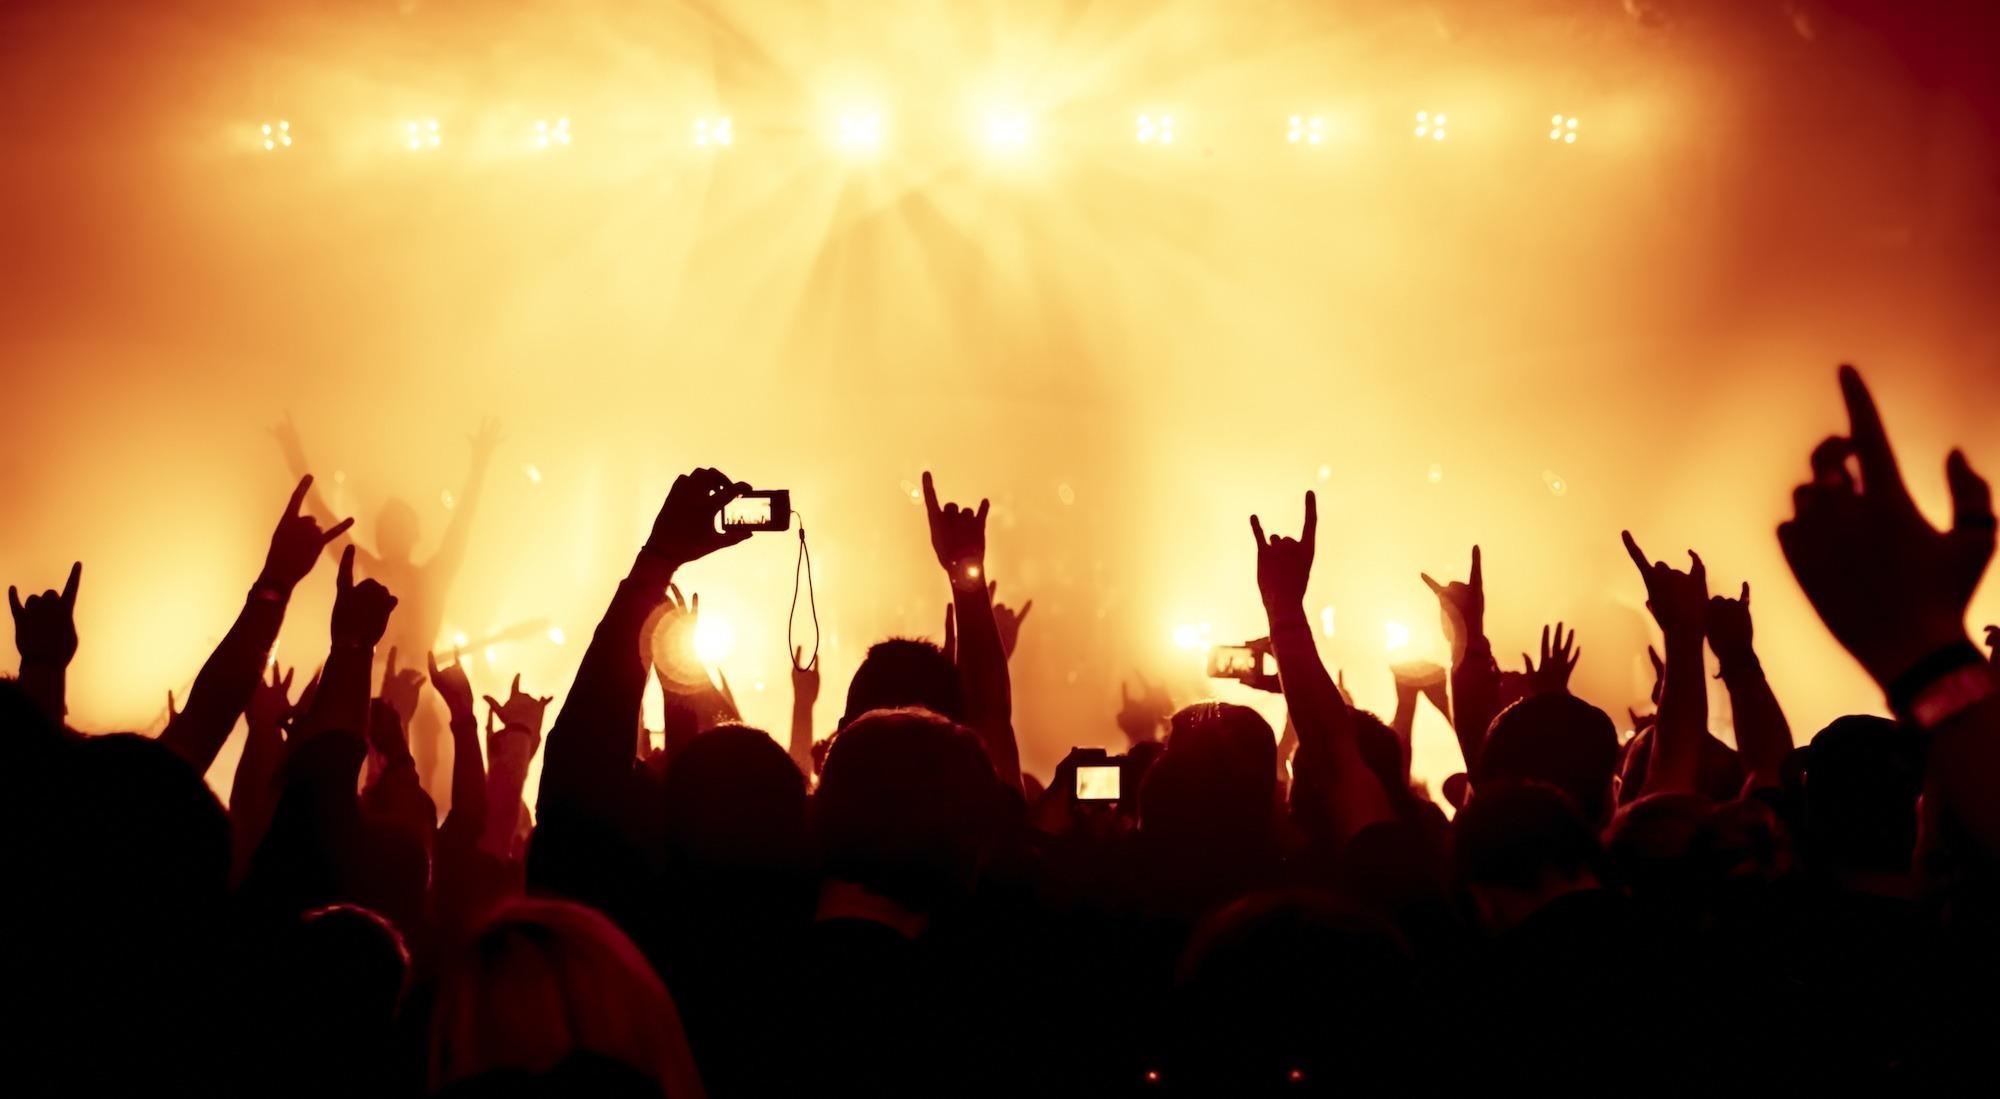 http://shbabbek.com/upload/خروجة الثلاثاء.. غناء شعبي وموسيقى وفن وسينما